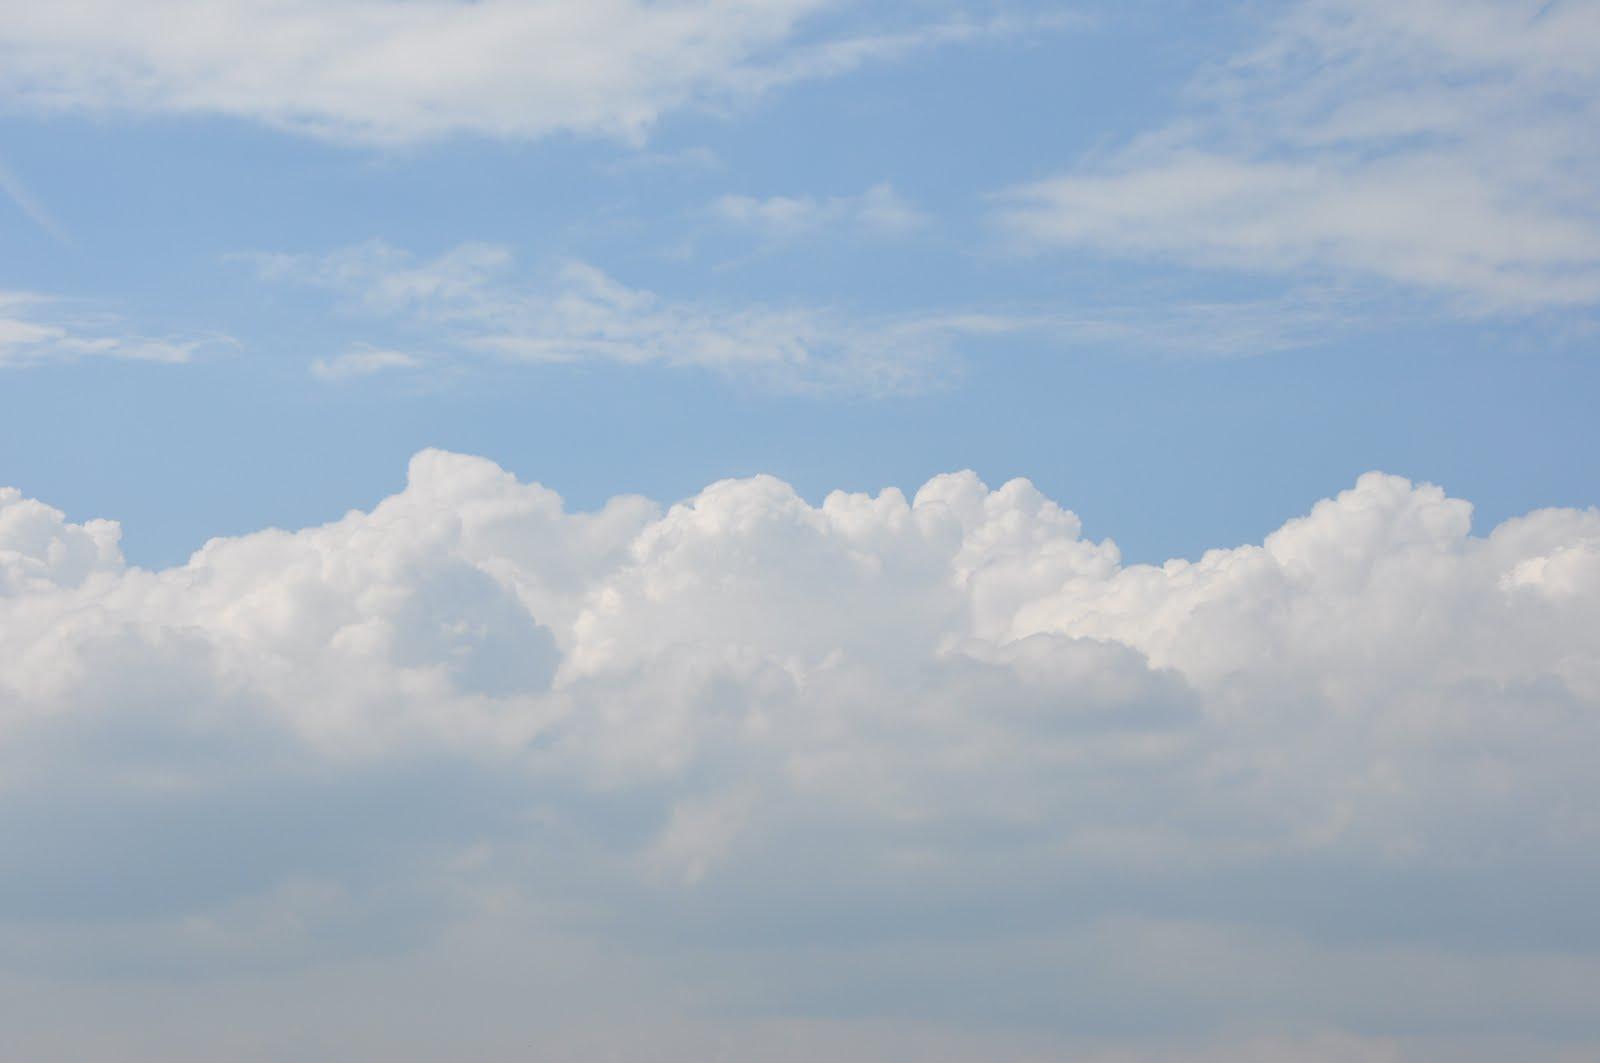 http://1.bp.blogspot.com/-N3XAWYwy5C8/Tde9Kvz8wVI/AAAAAAAABZ4/EhH57k9oxxg/s1600/Ciel+bleu+avec+nuages+4.JPG